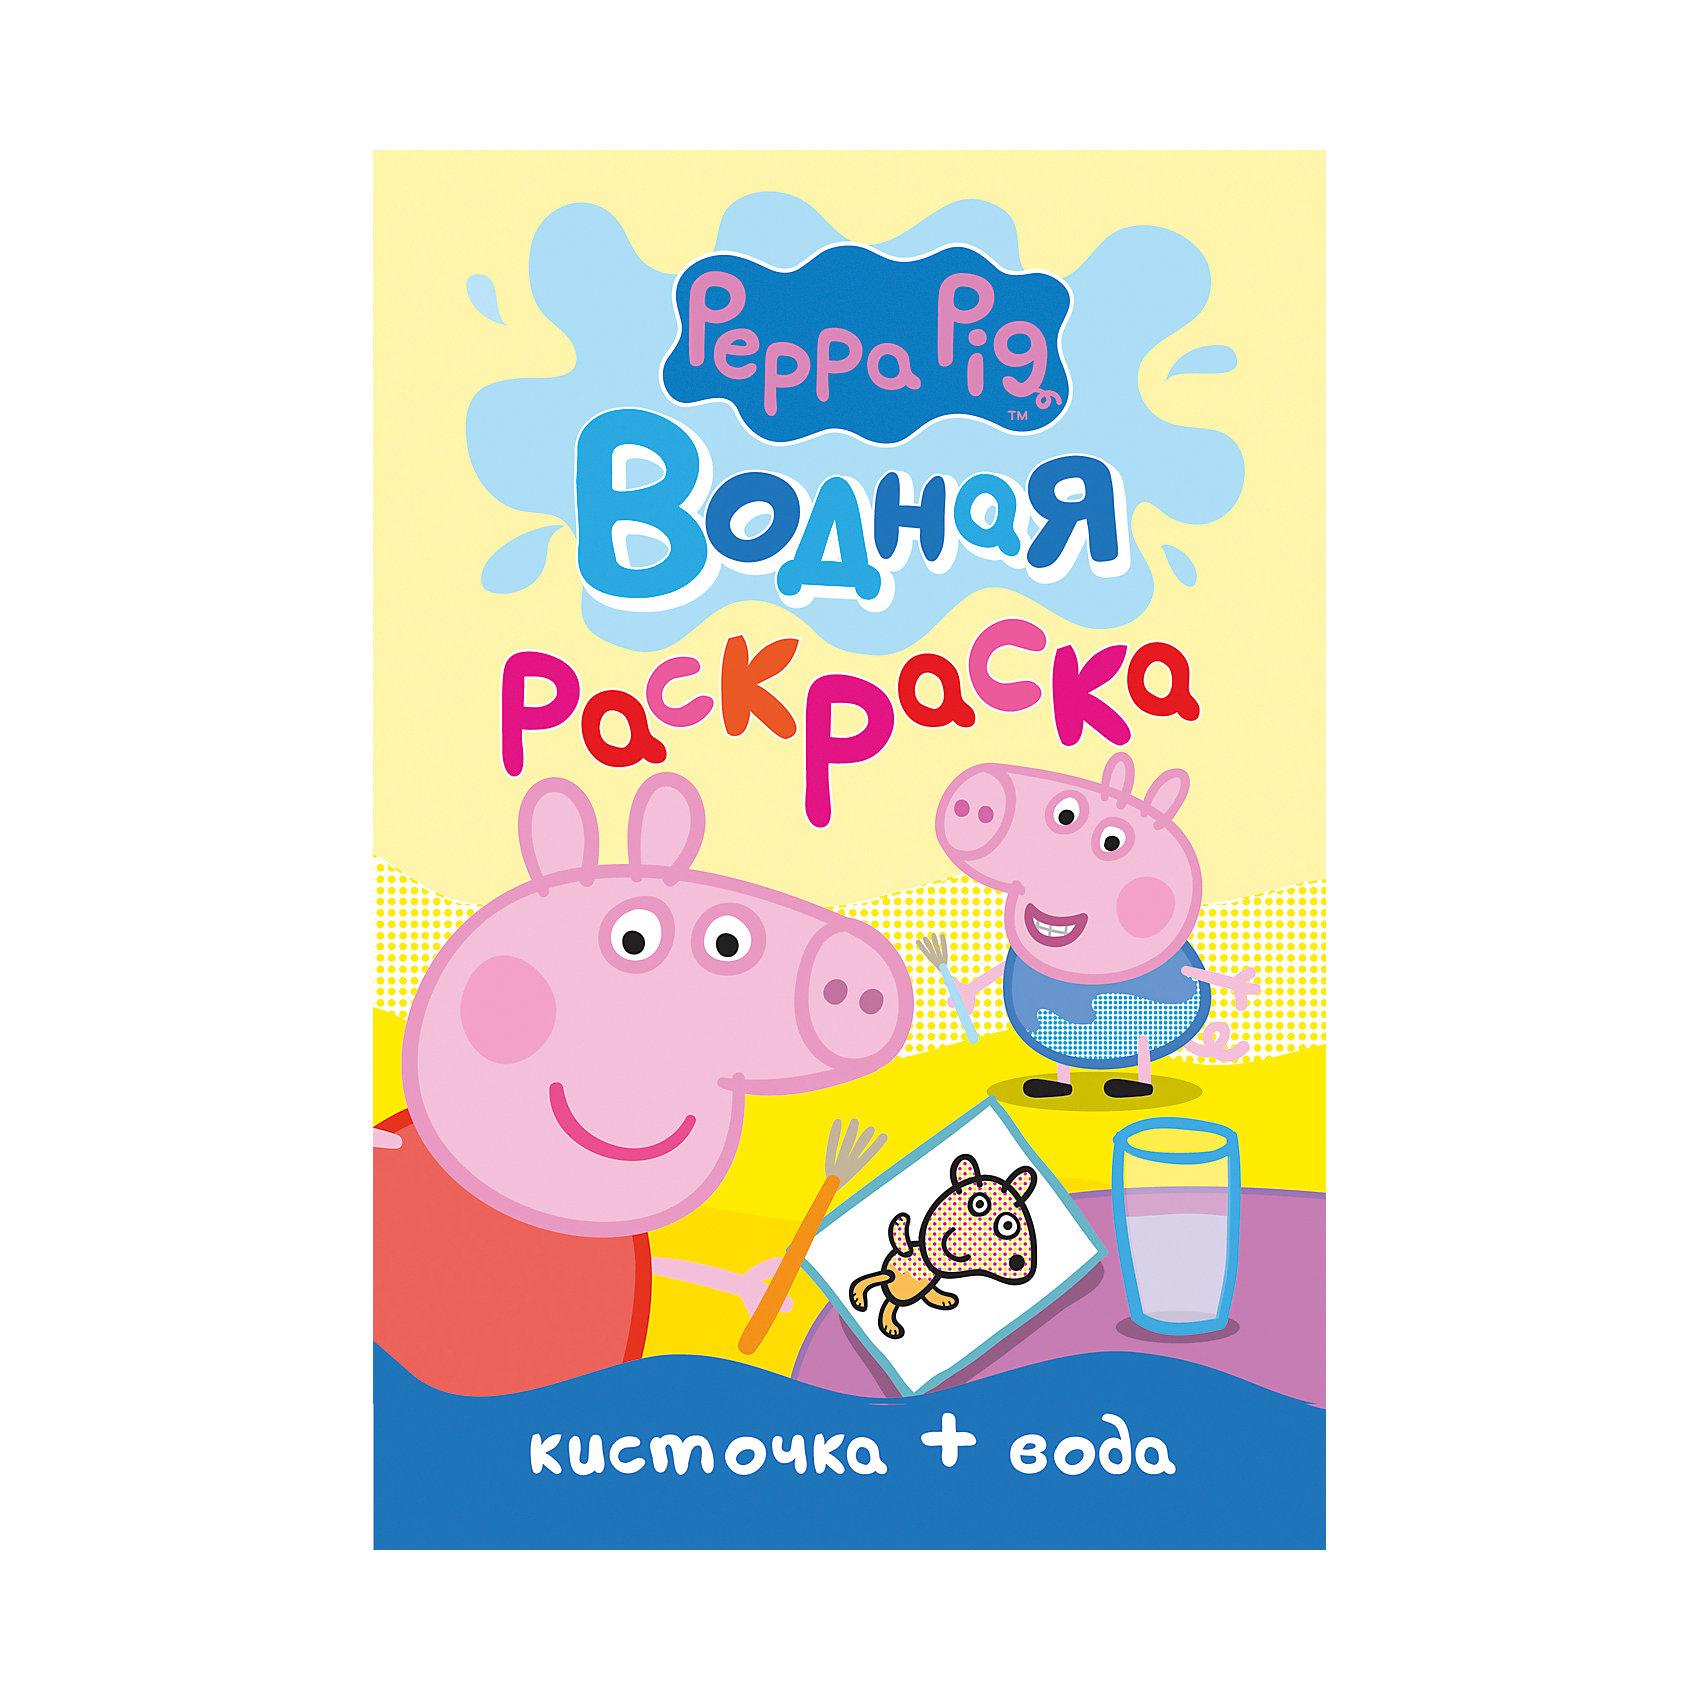 Водная мини- раскраска, Peppa PigСвинка Пеппа очень любит рисовать. А ты? Простые картинки, собранные в этой книжке, раскрасить очень легко: всё, что нужно - кисточка и вода. А на обратной стороне цветных водных раскрасок он найдет и знакомые черно-белые раскраски. Благодаря мини-формату раскраску удобно брать с собой!<br><br>Ширина мм: 210<br>Глубина мм: 140<br>Высота мм: 20<br>Вес г: 27<br>Возраст от месяцев: -2147483648<br>Возраст до месяцев: 2147483647<br>Пол: Унисекс<br>Возраст: Детский<br>SKU: 5453553